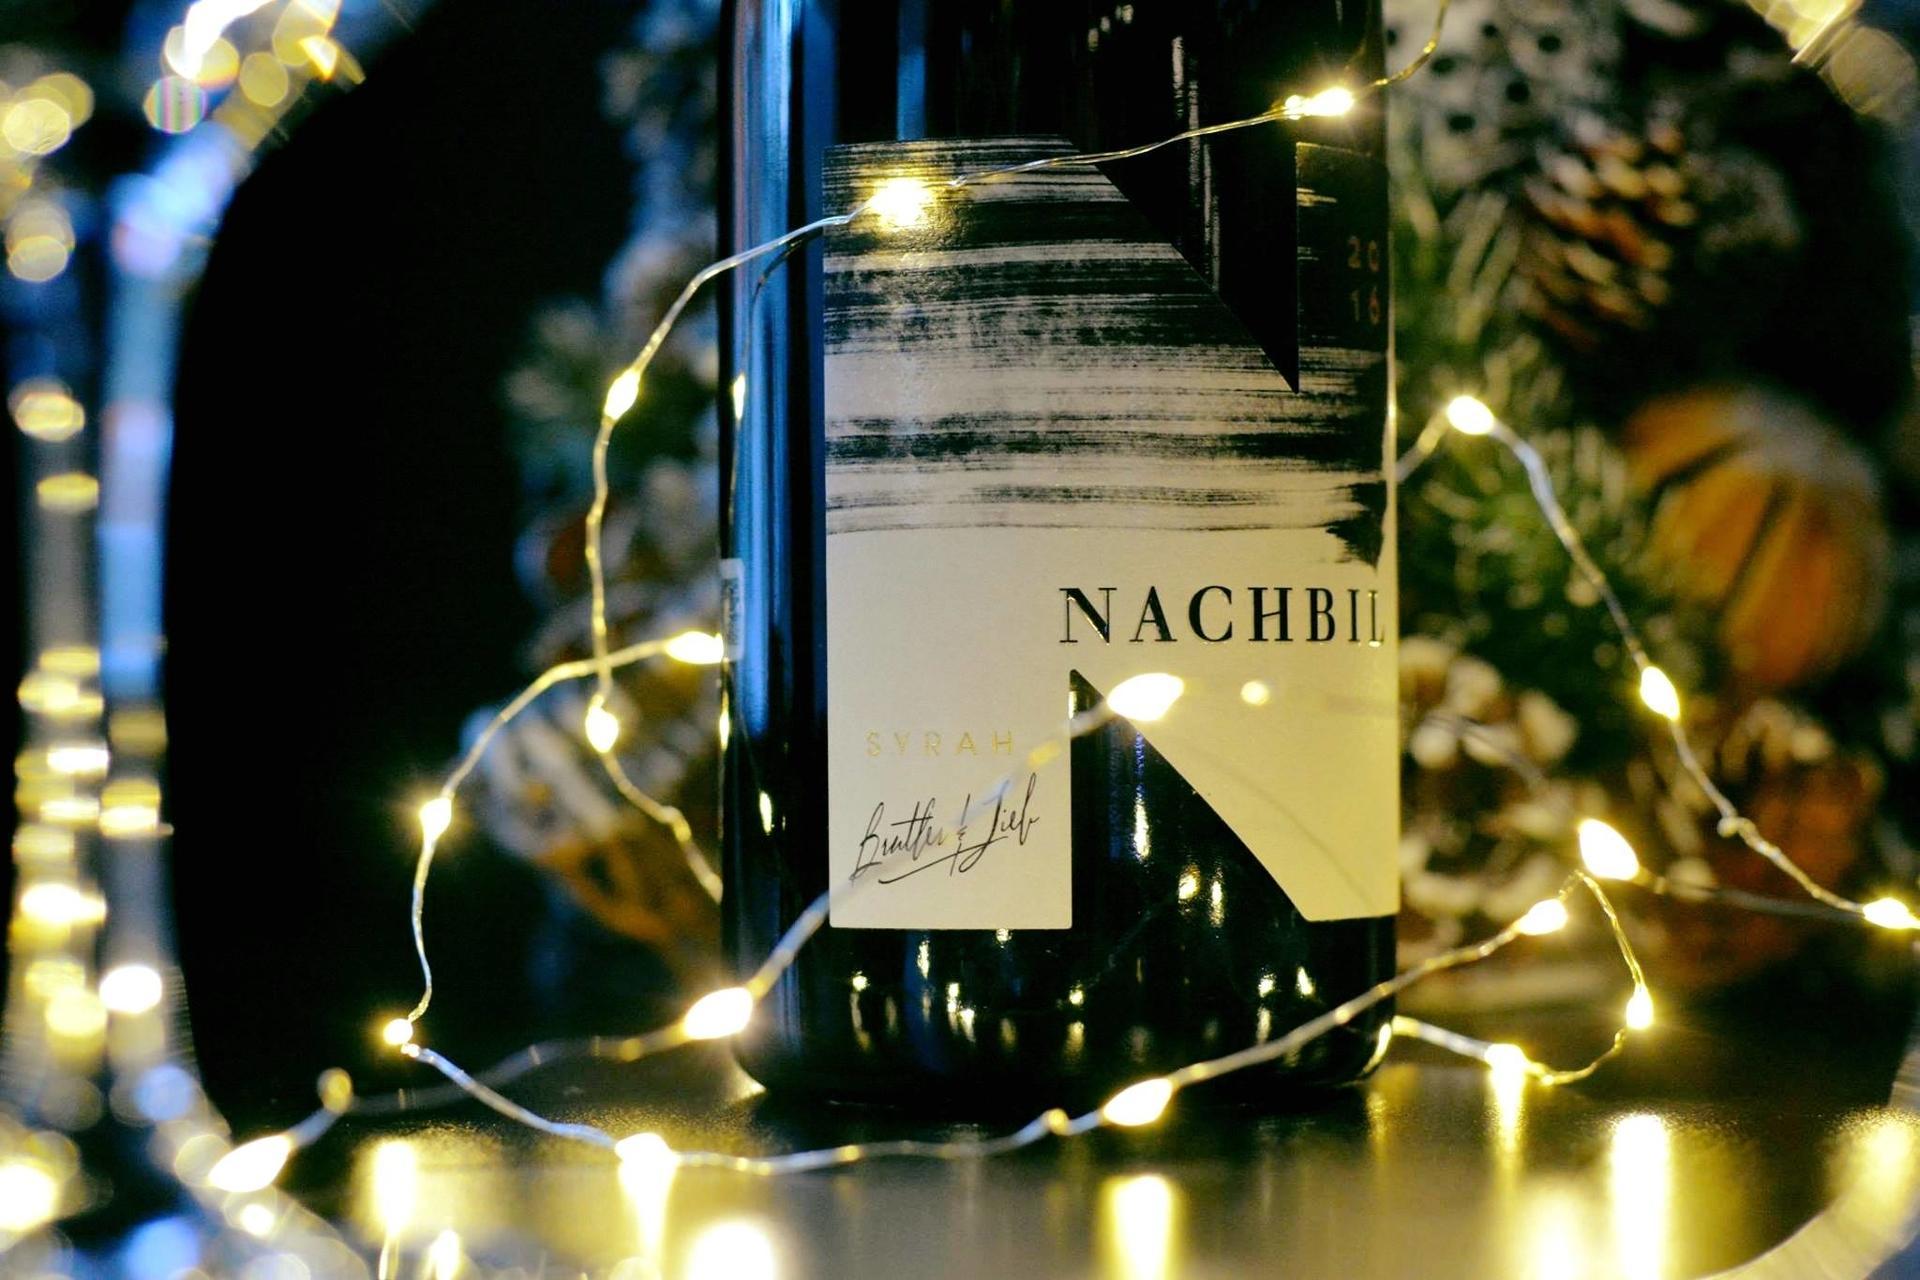 #Giveaway: câștigă două meniuri (food+1 wine selection) la Christmas gathering around the wine